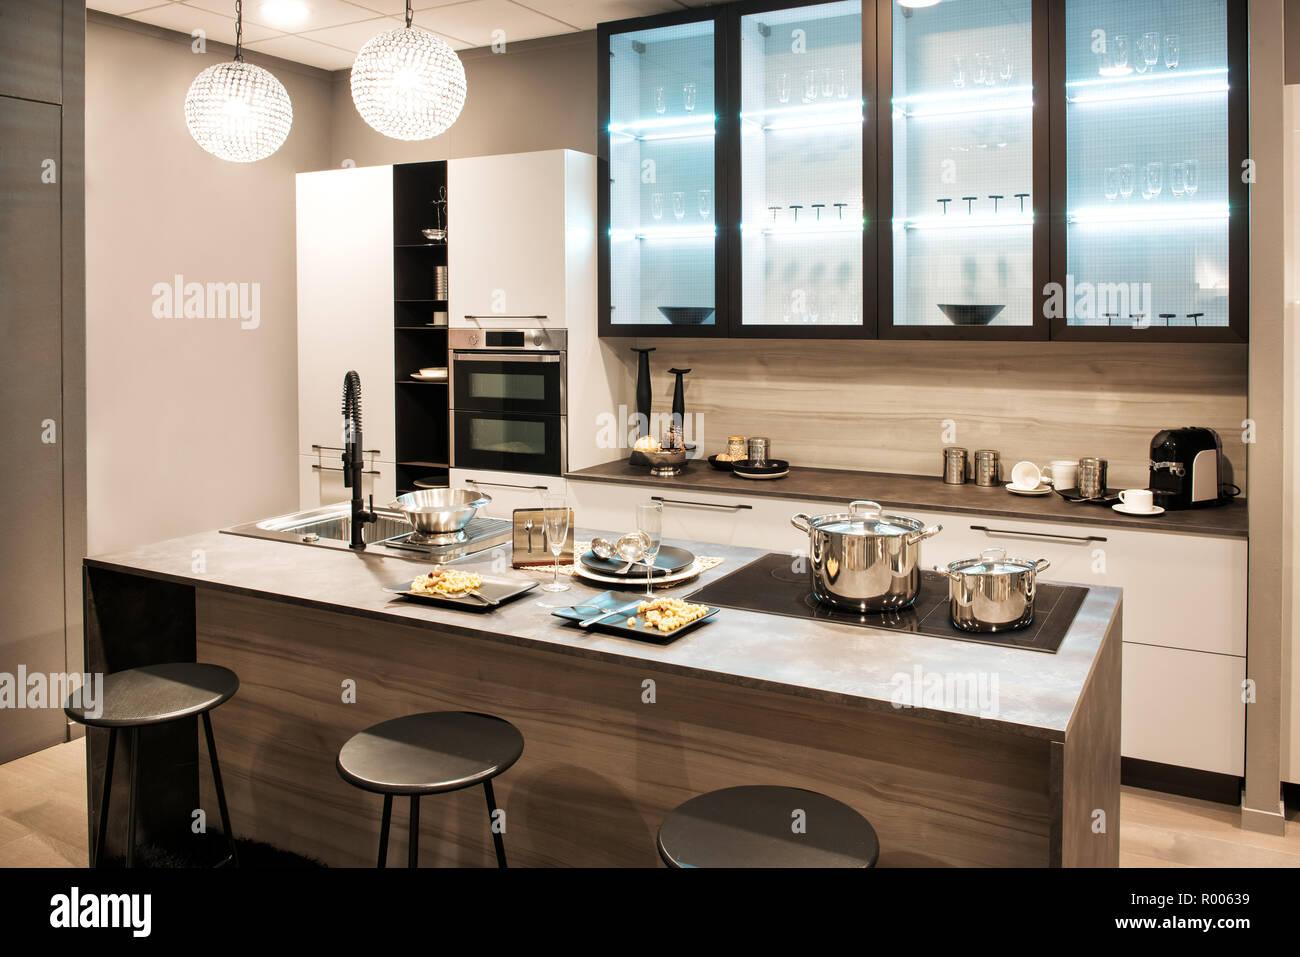 Marrone neutro una cucina moderna con interni isola con built-in piano di cottura e lavandino e sgabelli bar illuminata da grandi finestre lungo una parete Immagini Stock